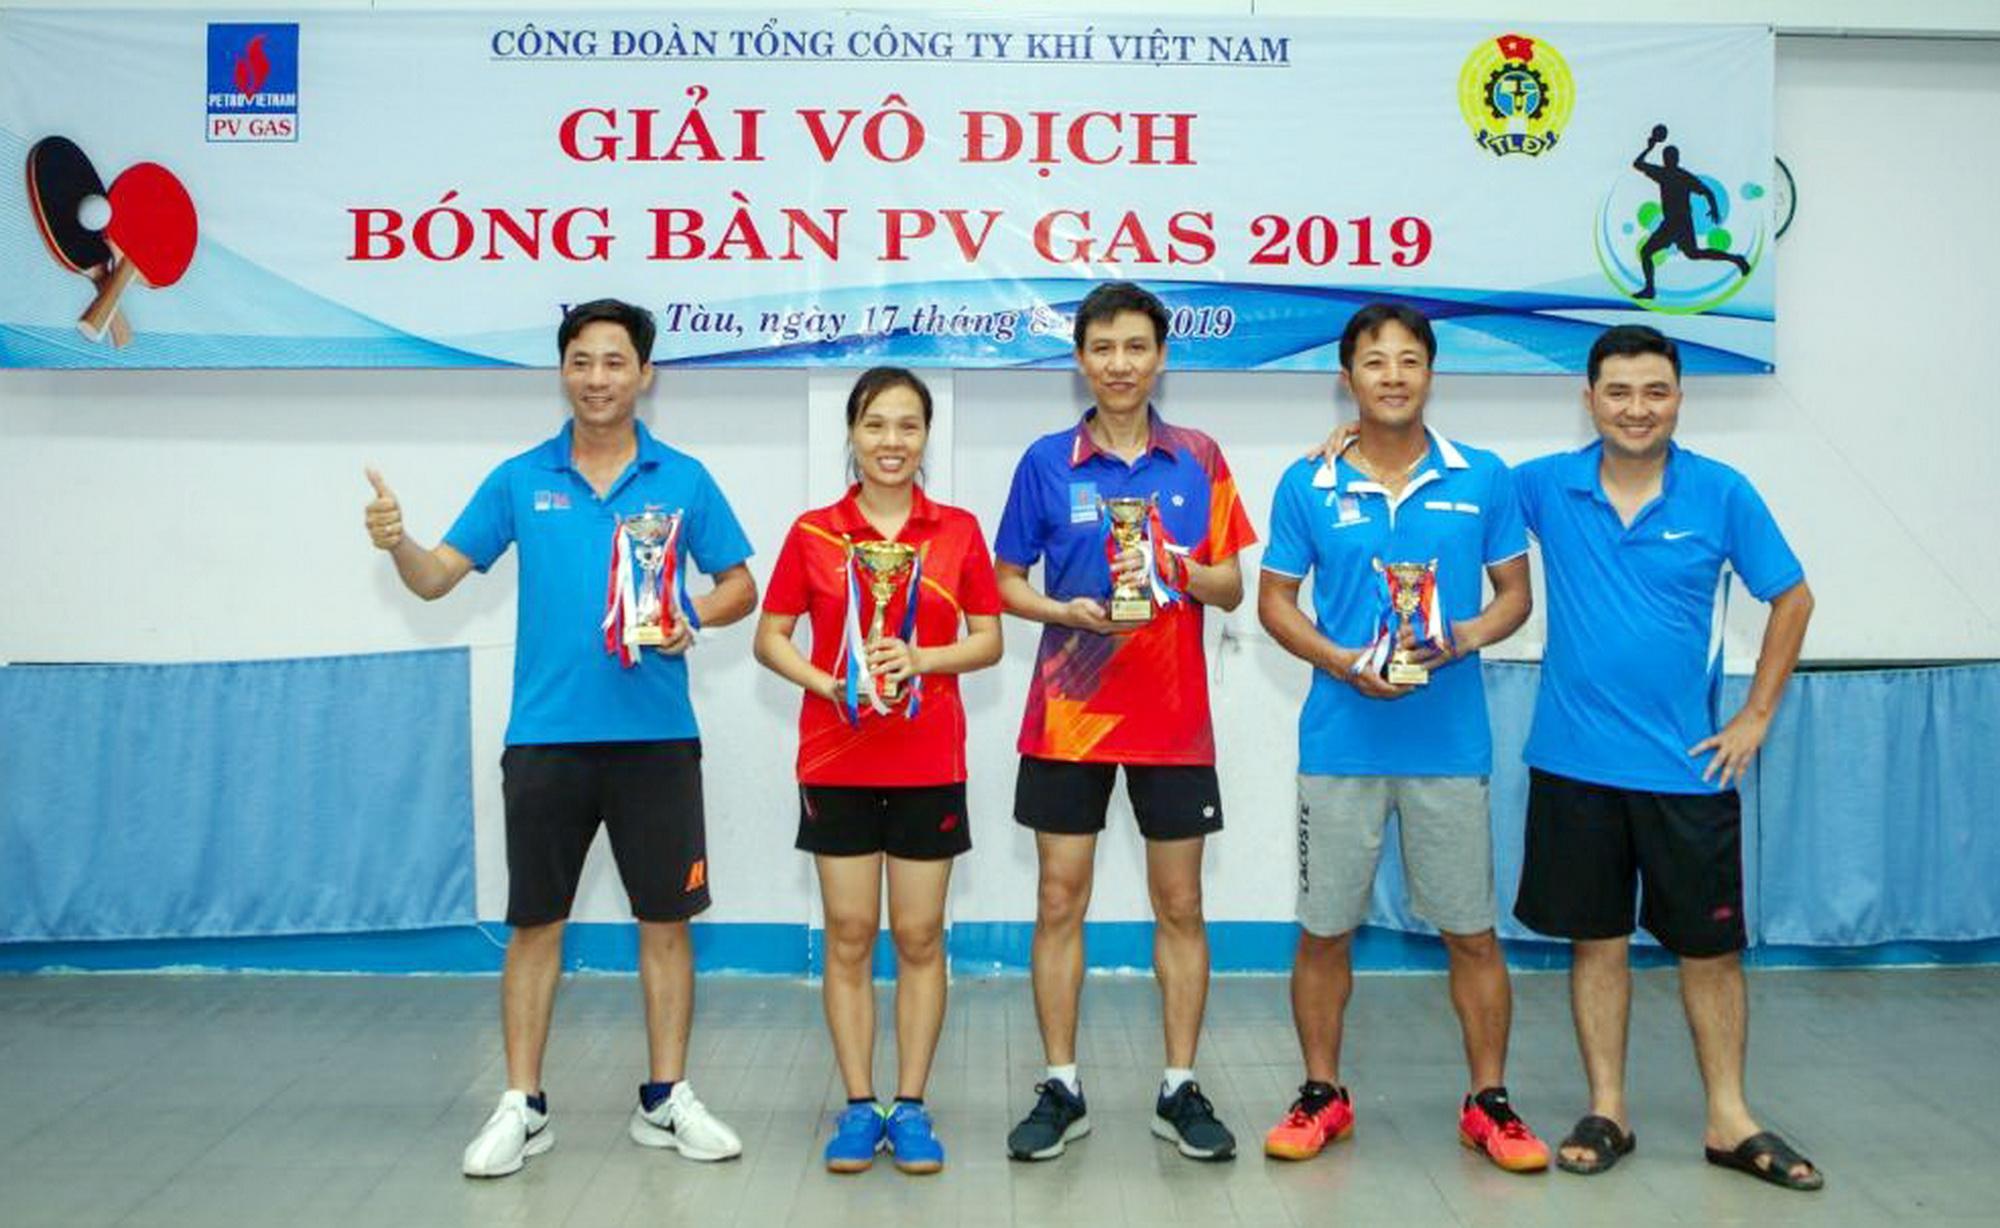 pv gas to chuc giai bong ban 2019